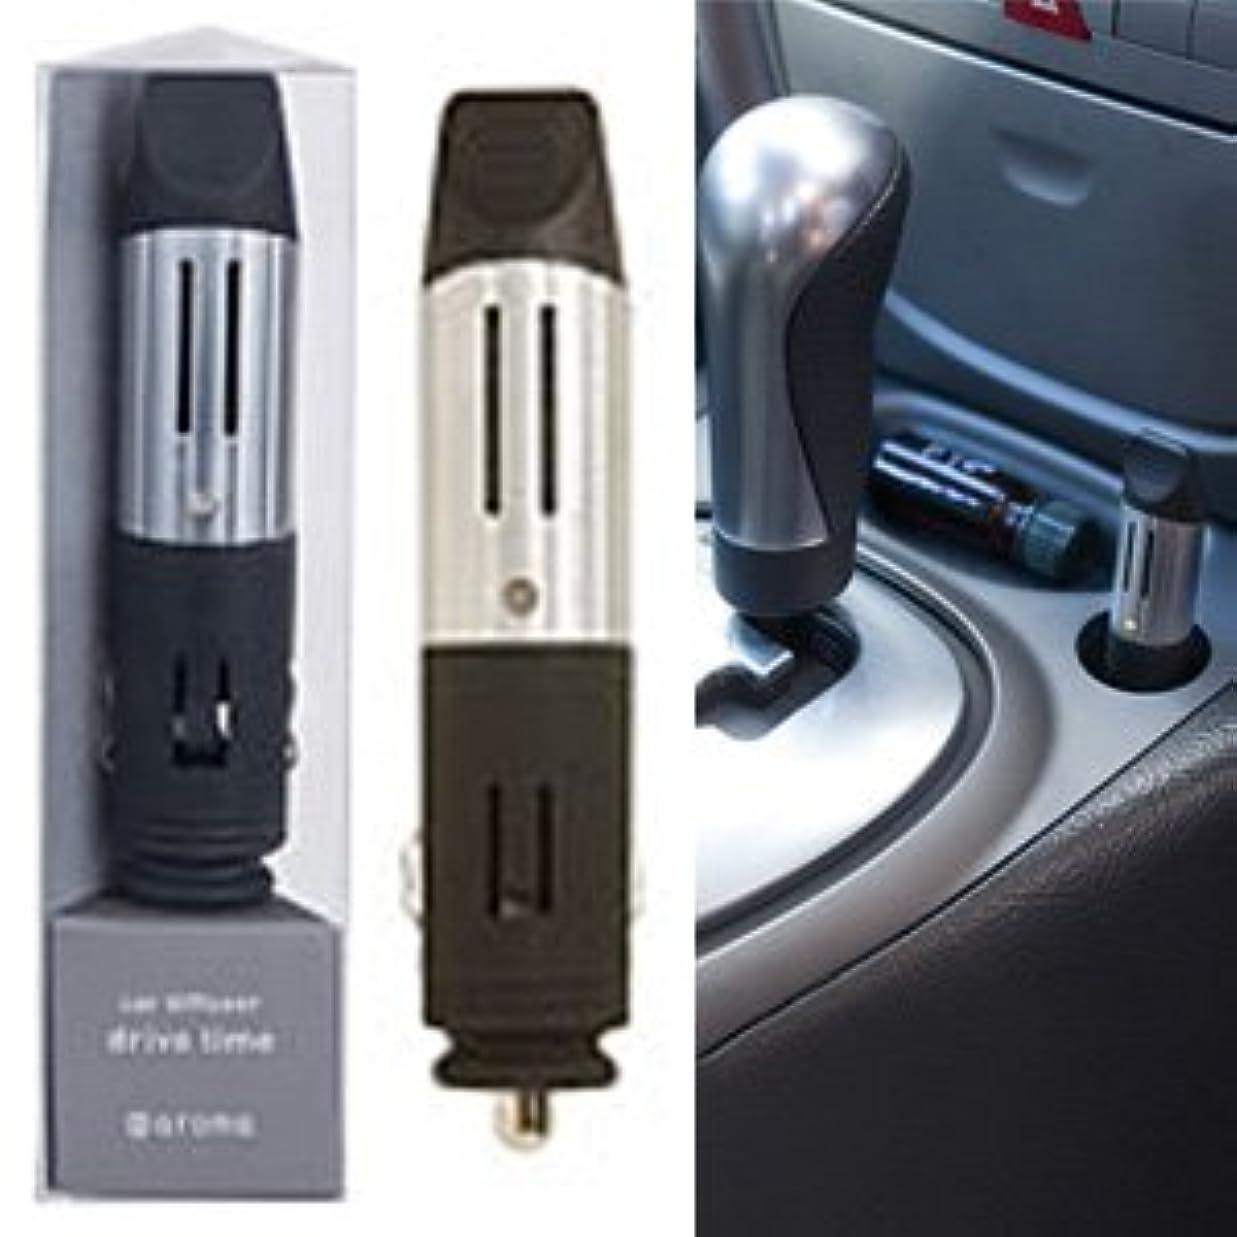 可能にする叙情的なせがむ車用アロマディフューザー ドライブタイム [ソケットタイプ/DC12V電源] カラー:シルバー